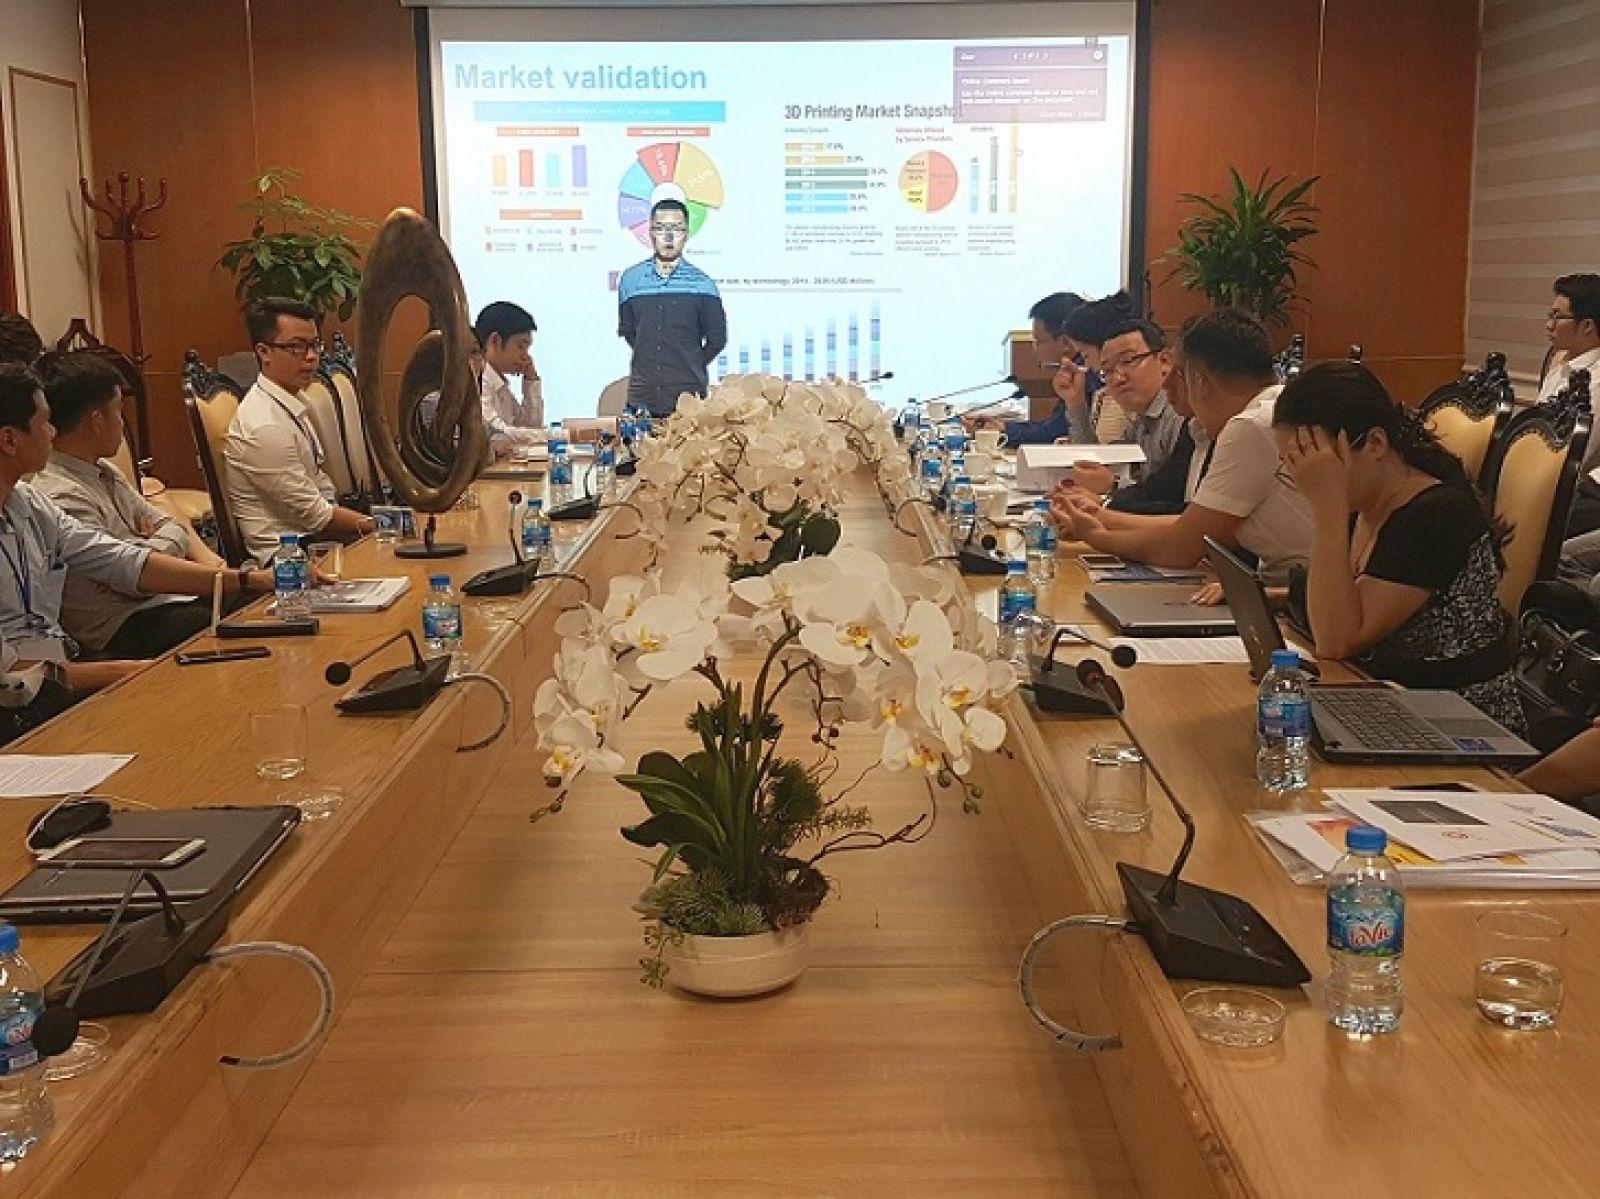 Các đội thi trình bày giải pháp công nghệ trước ban giám khảo.